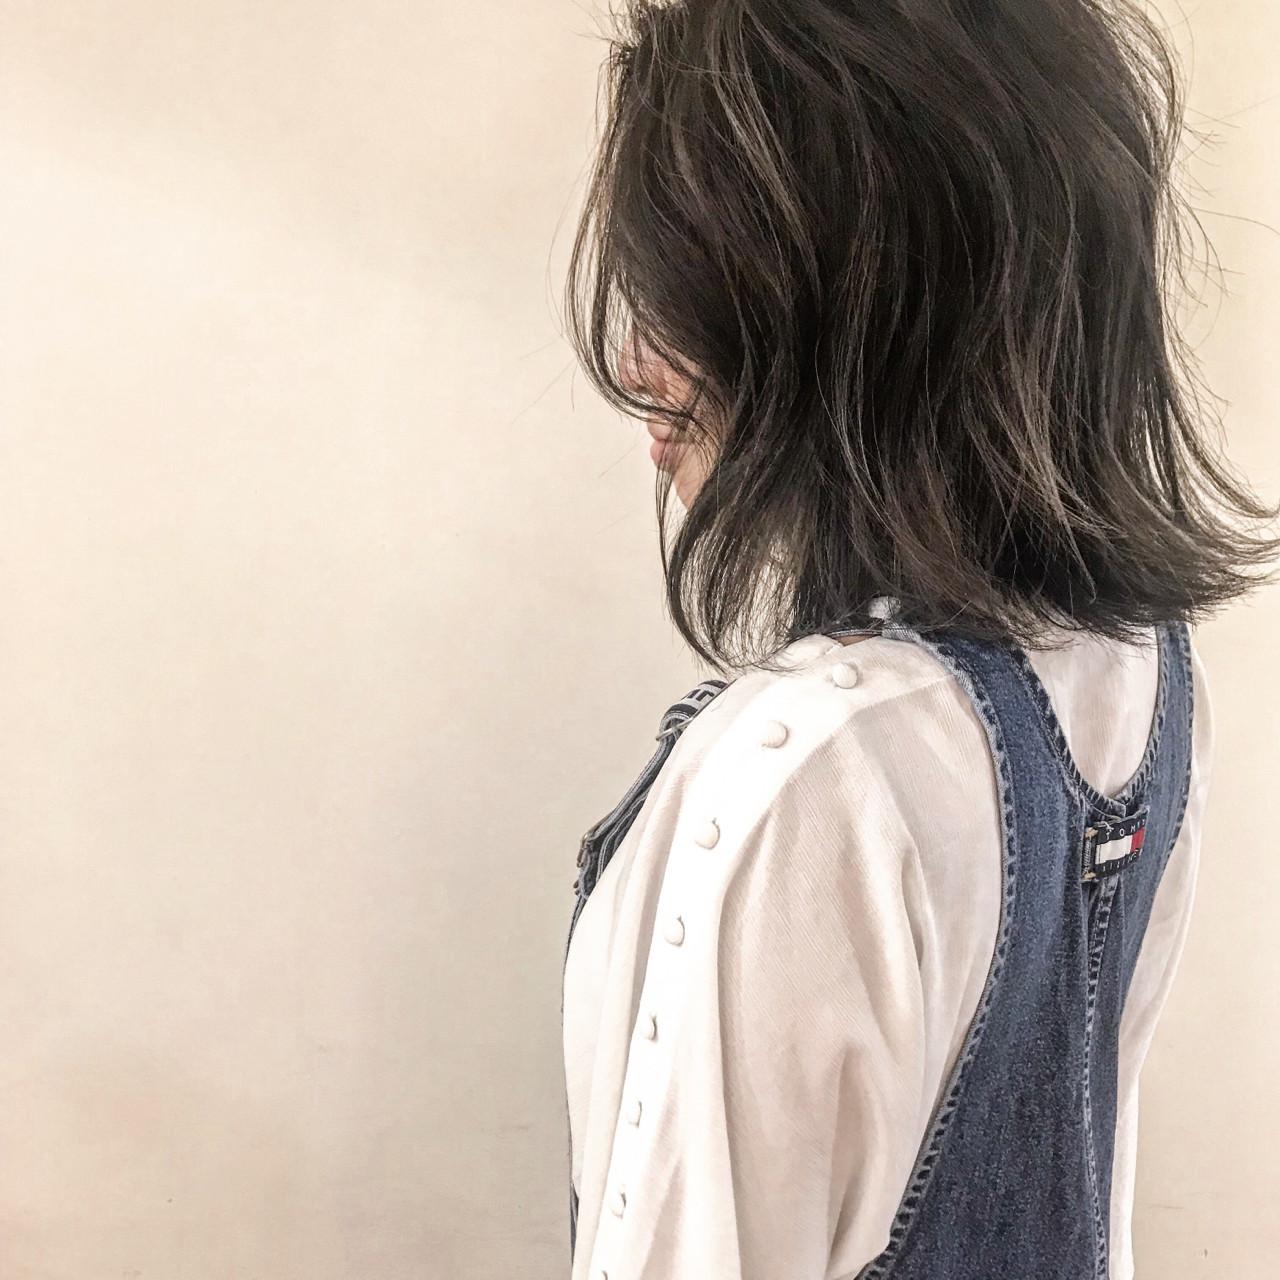 ナチュラル 前髪あり ボブ フェミニン ヘアスタイルや髪型の写真・画像